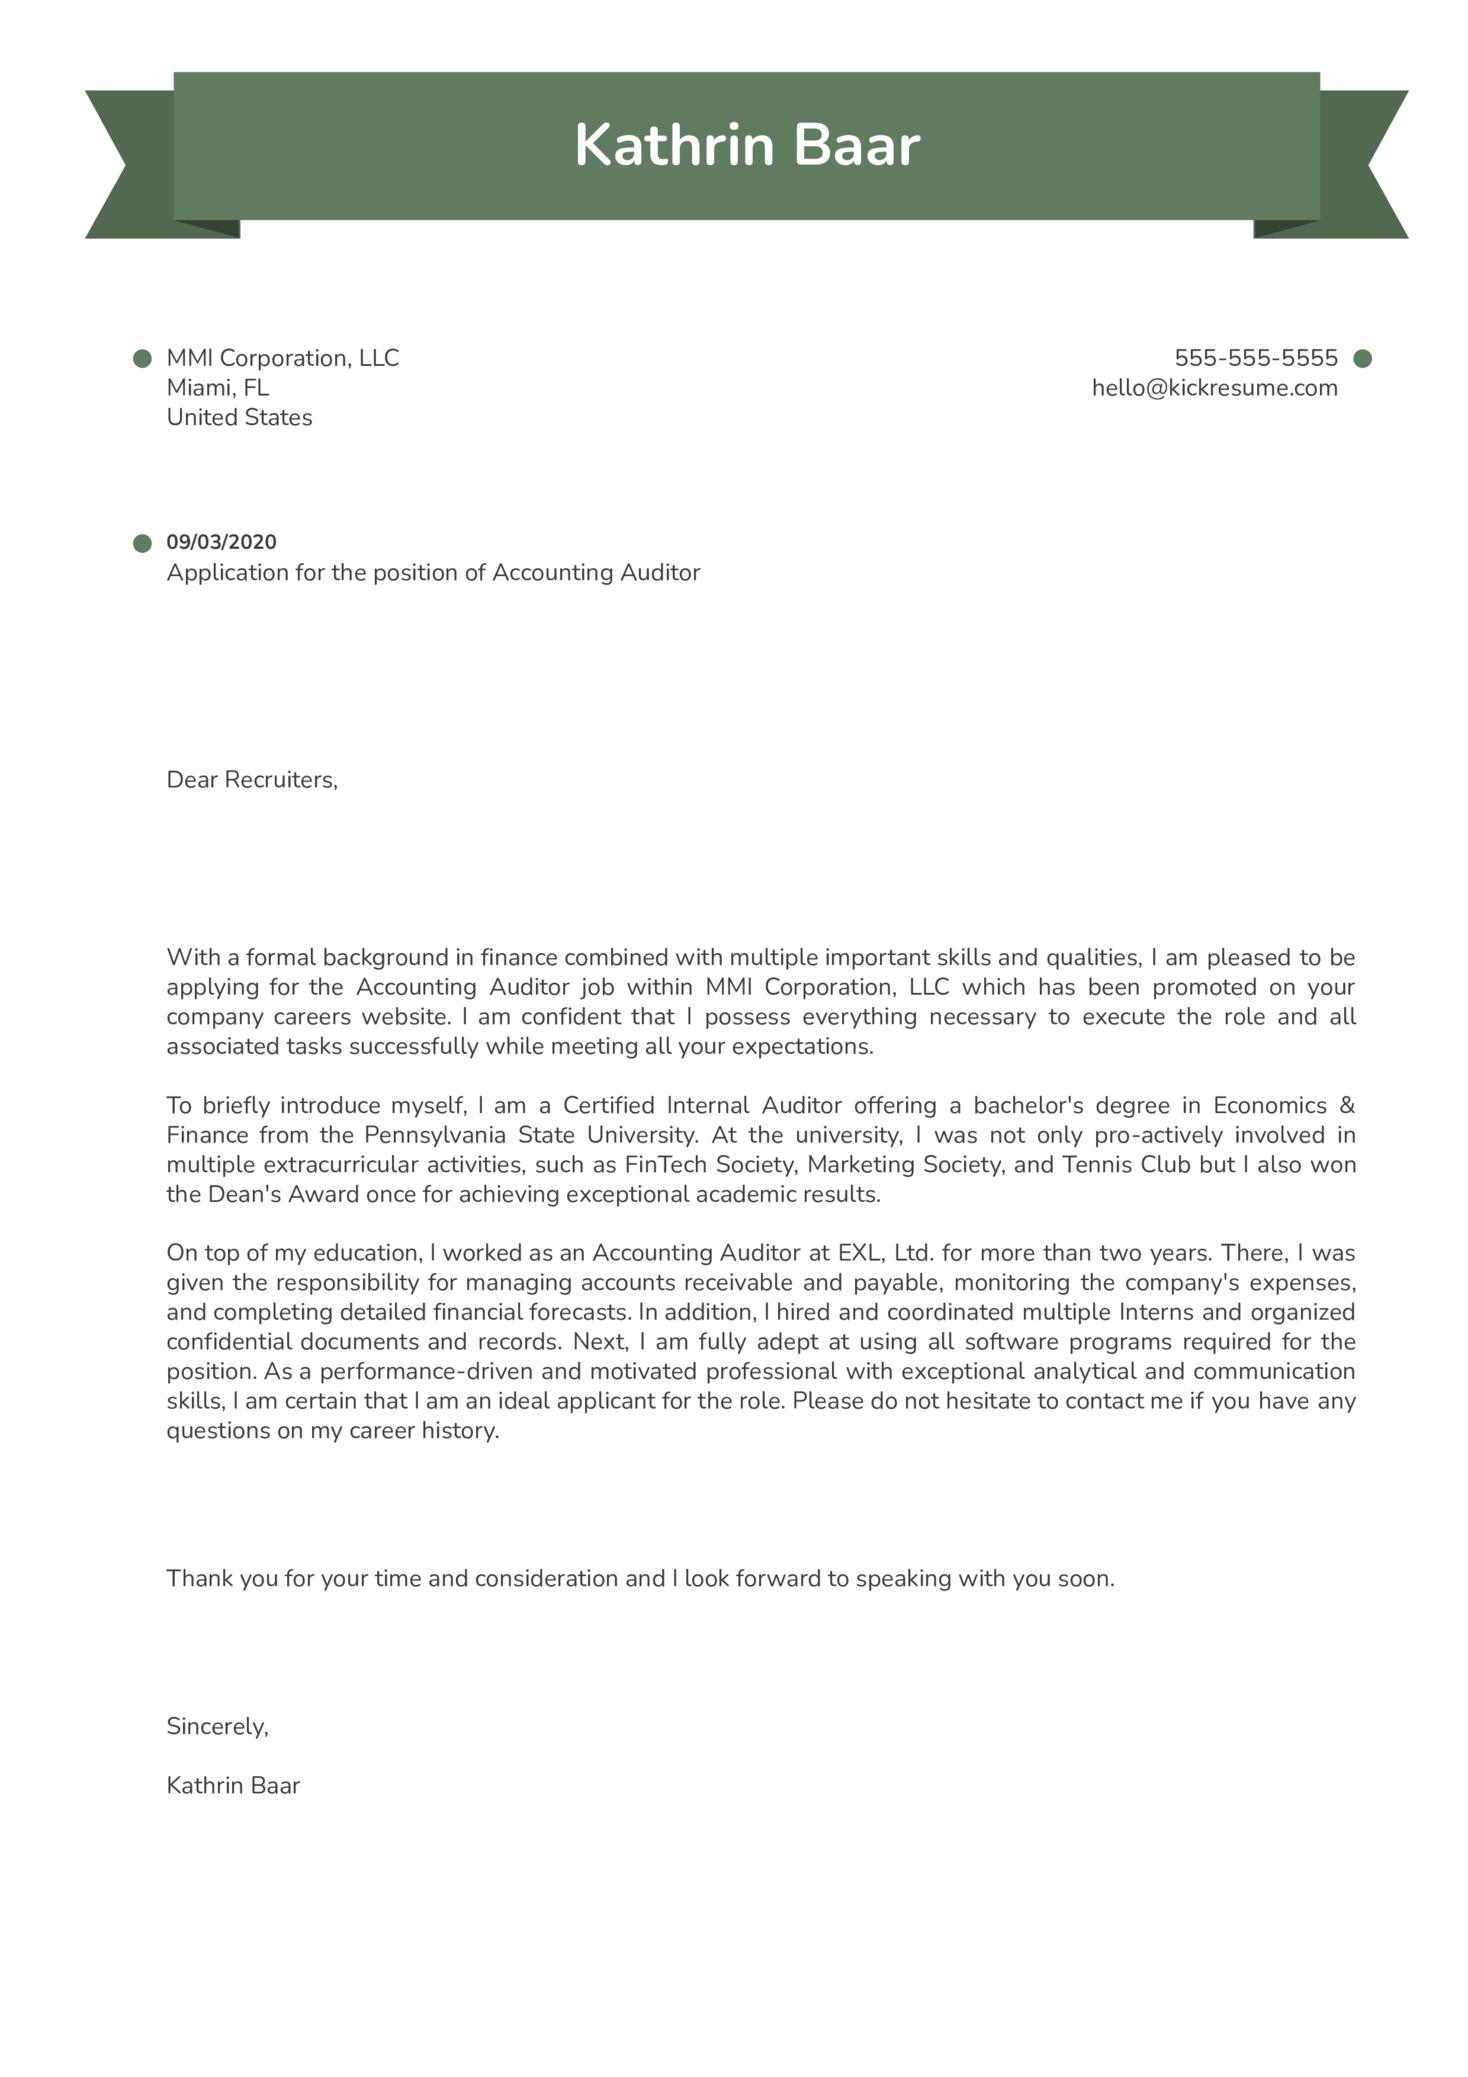 Cover letter samples for internal auditor spanish american war short essay